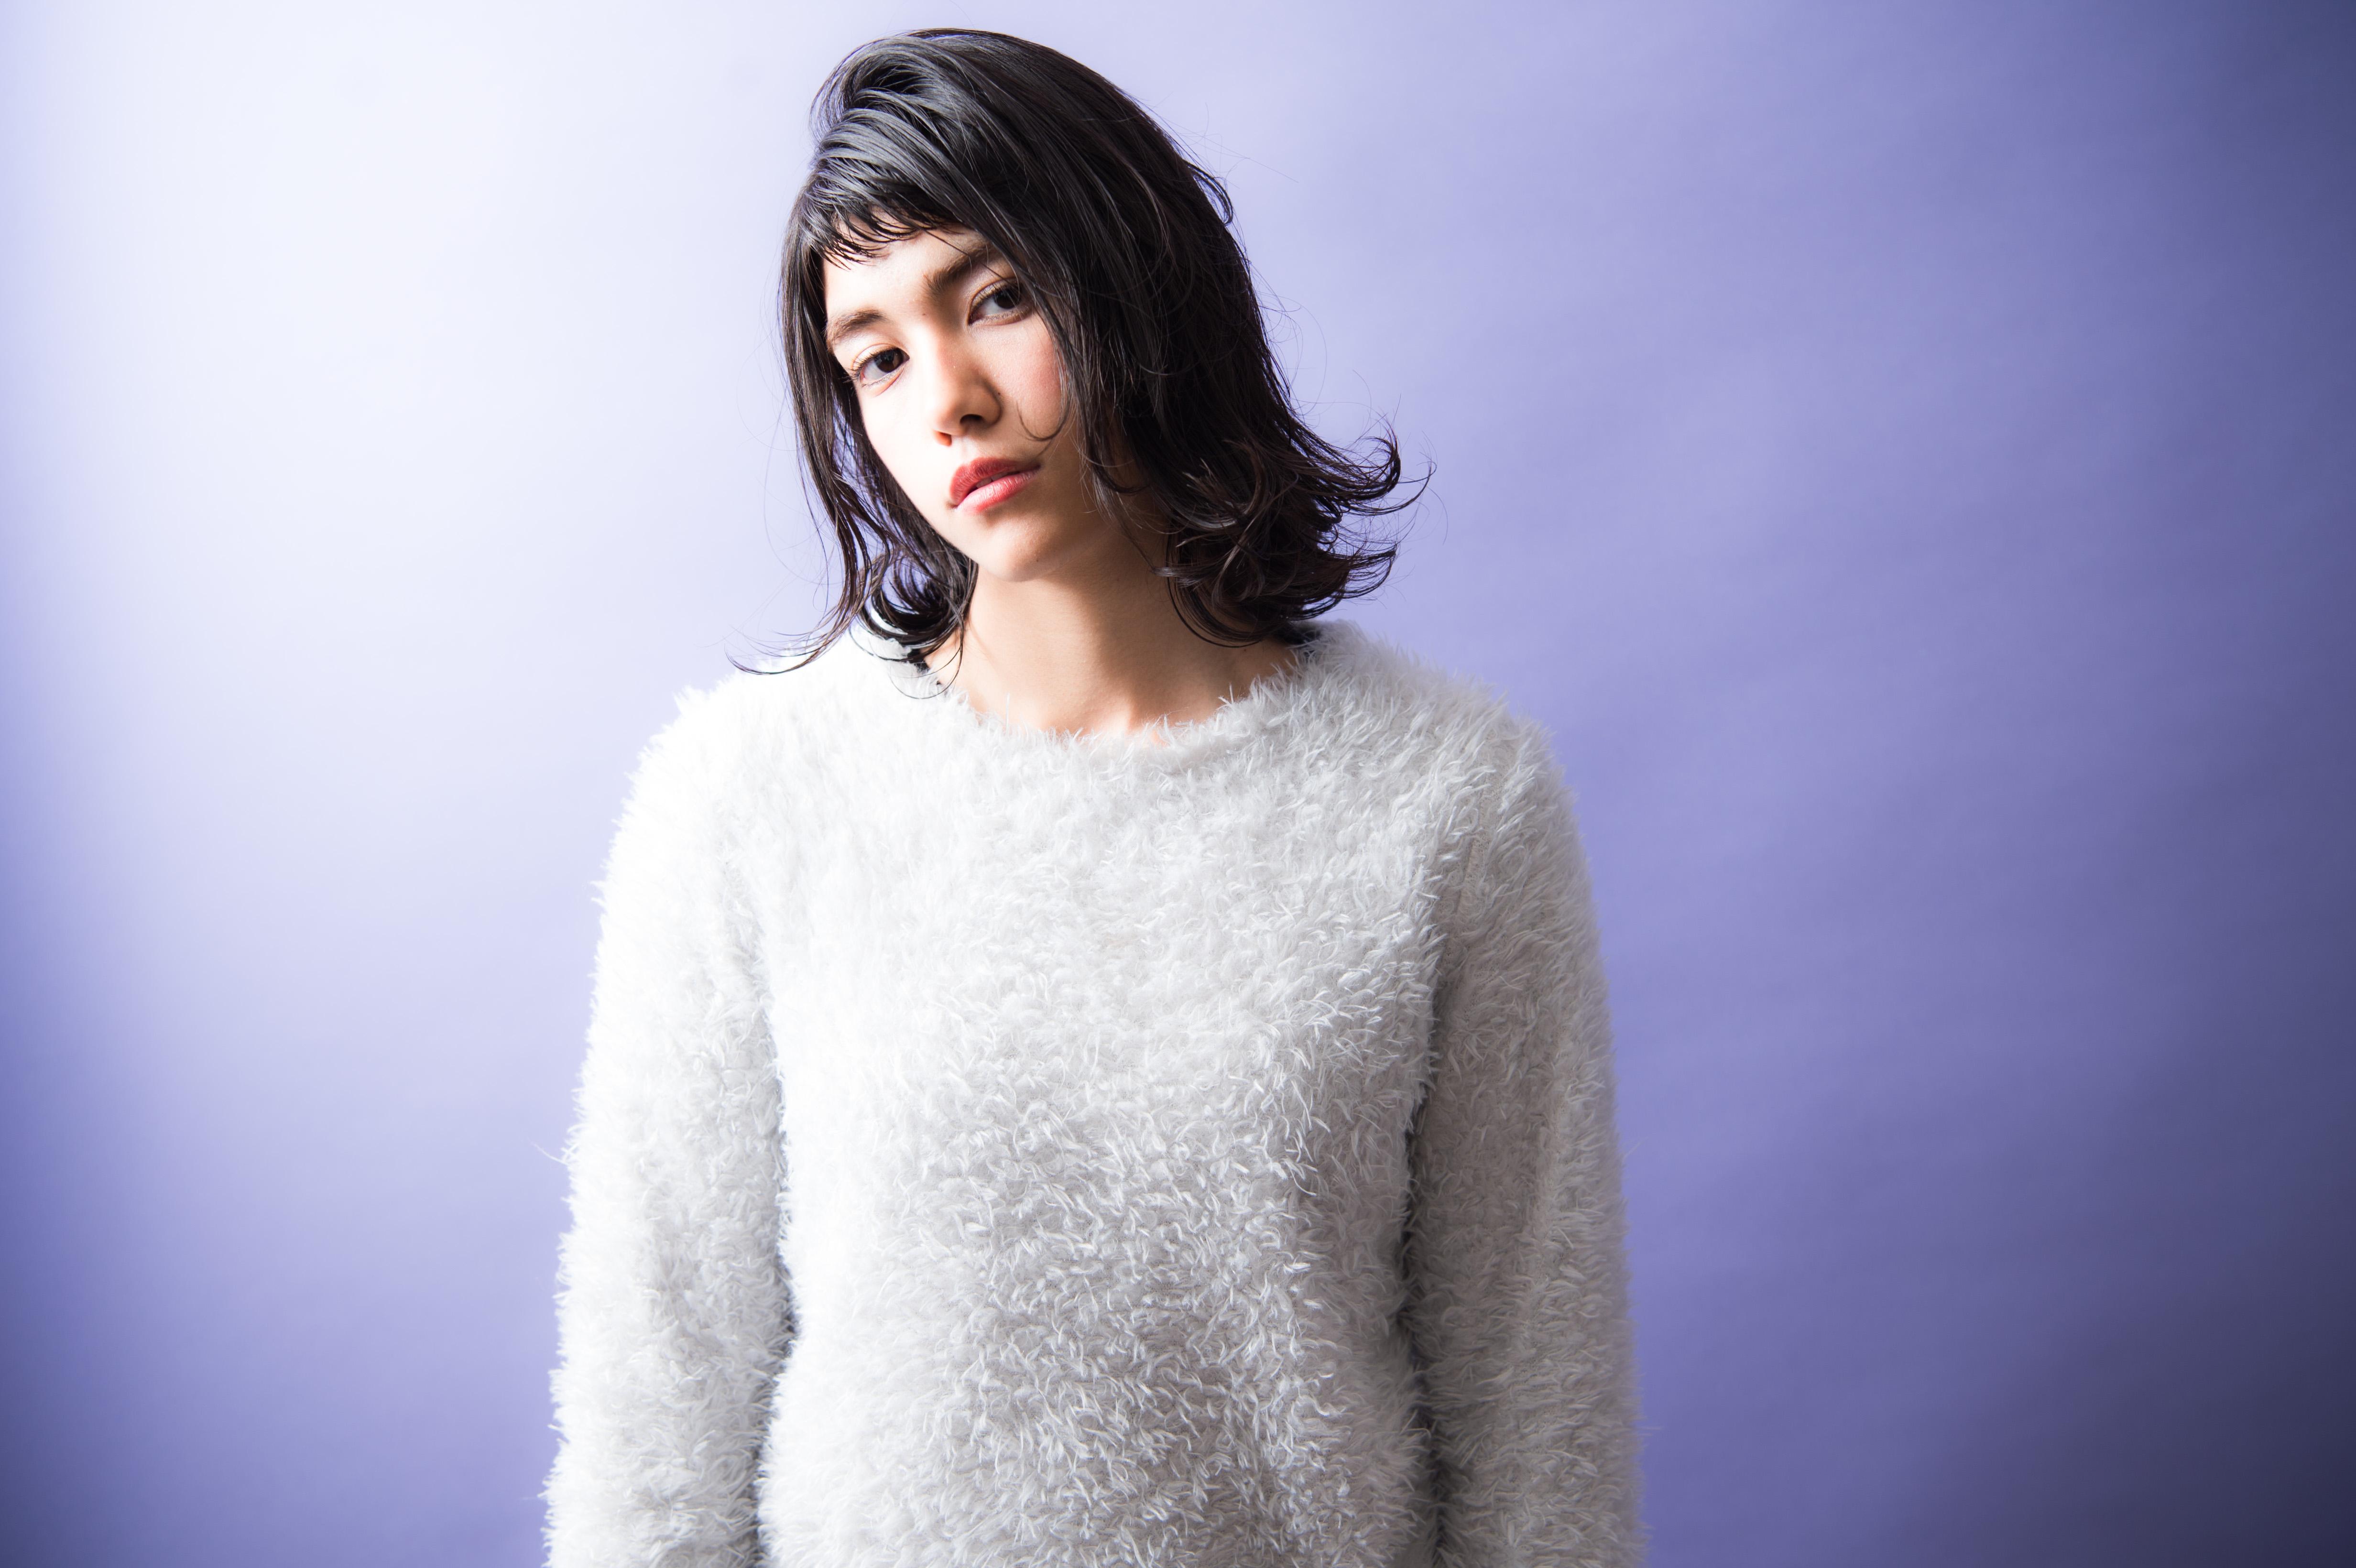 自由が丘美容室、keep hair designスタイリスト甲田粋愛。ガールズパワーミディアムスタイル